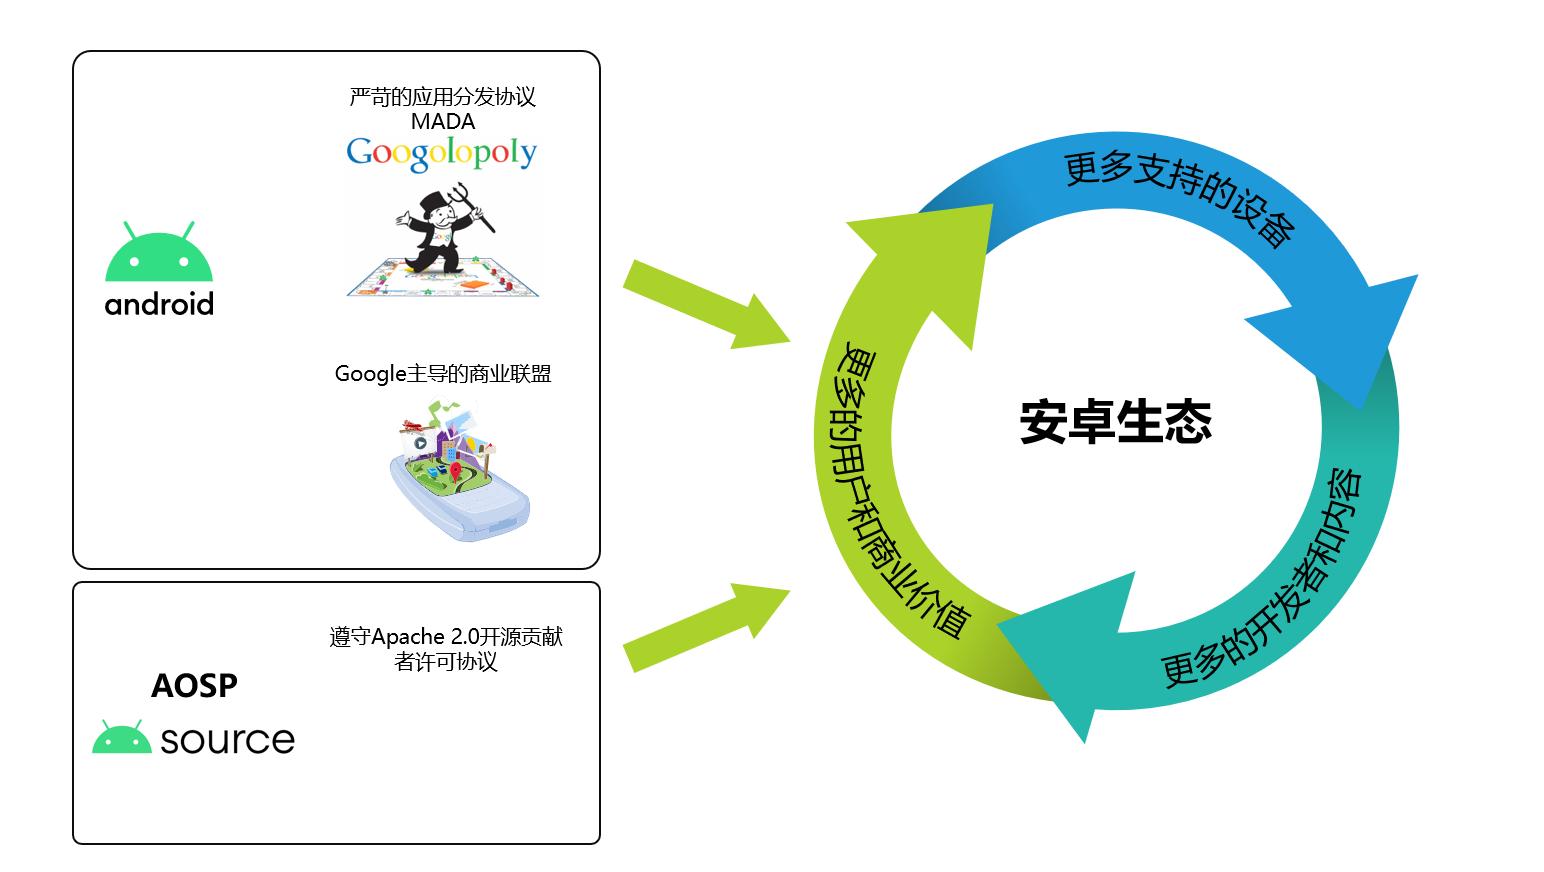 安卓是谷歌商业生态,AOSP 是开源项目